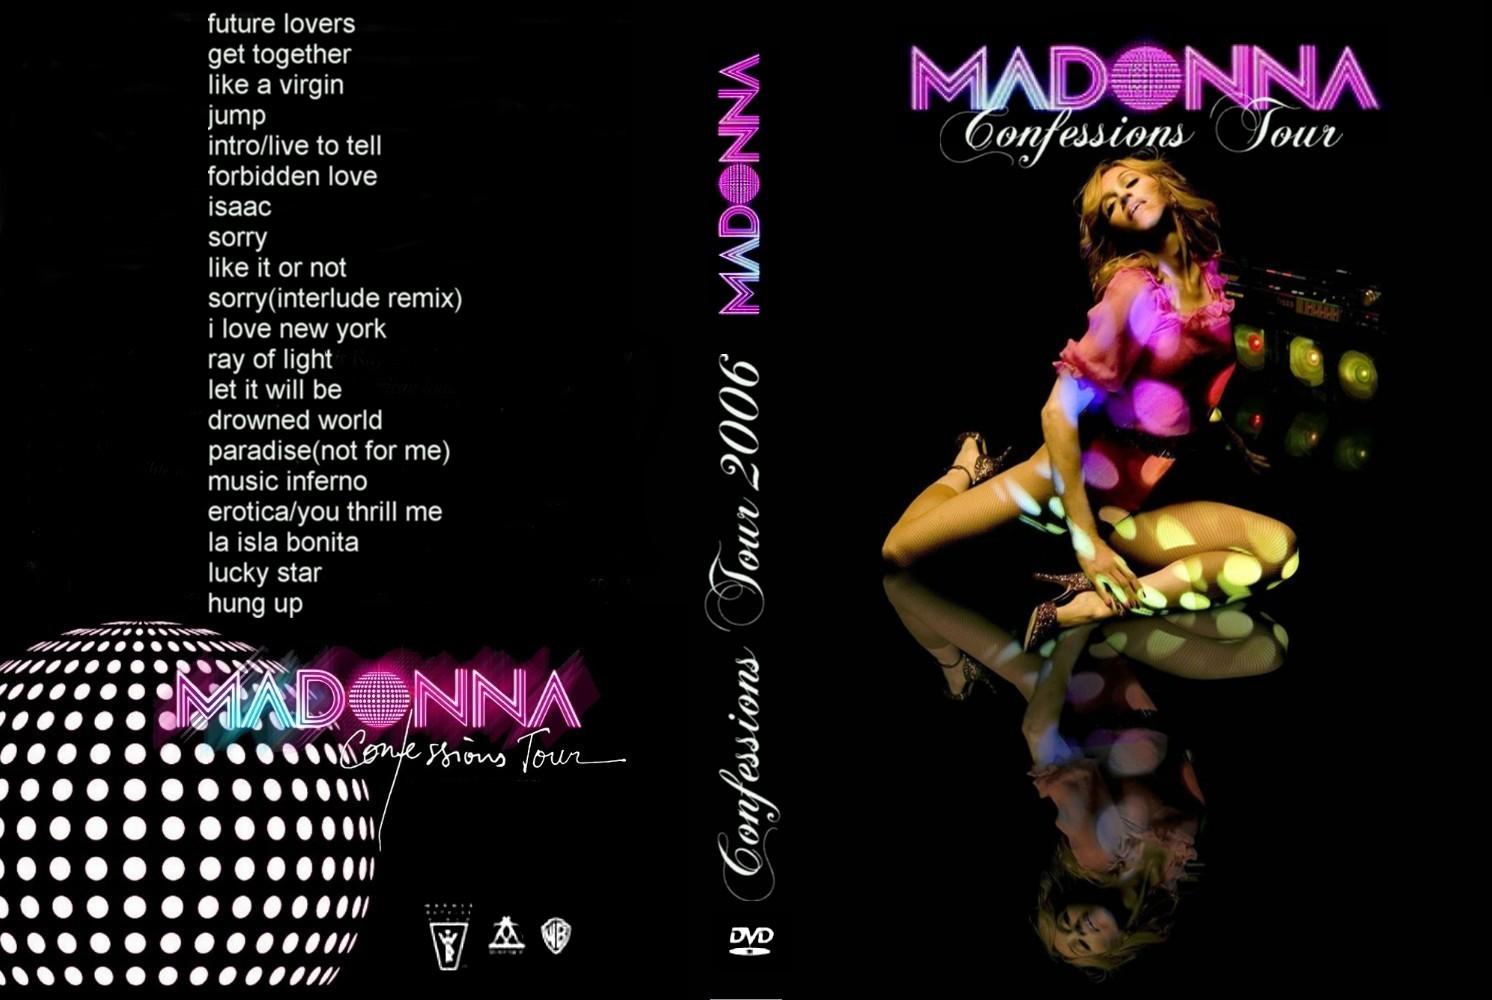 Confessions Tour Dvd